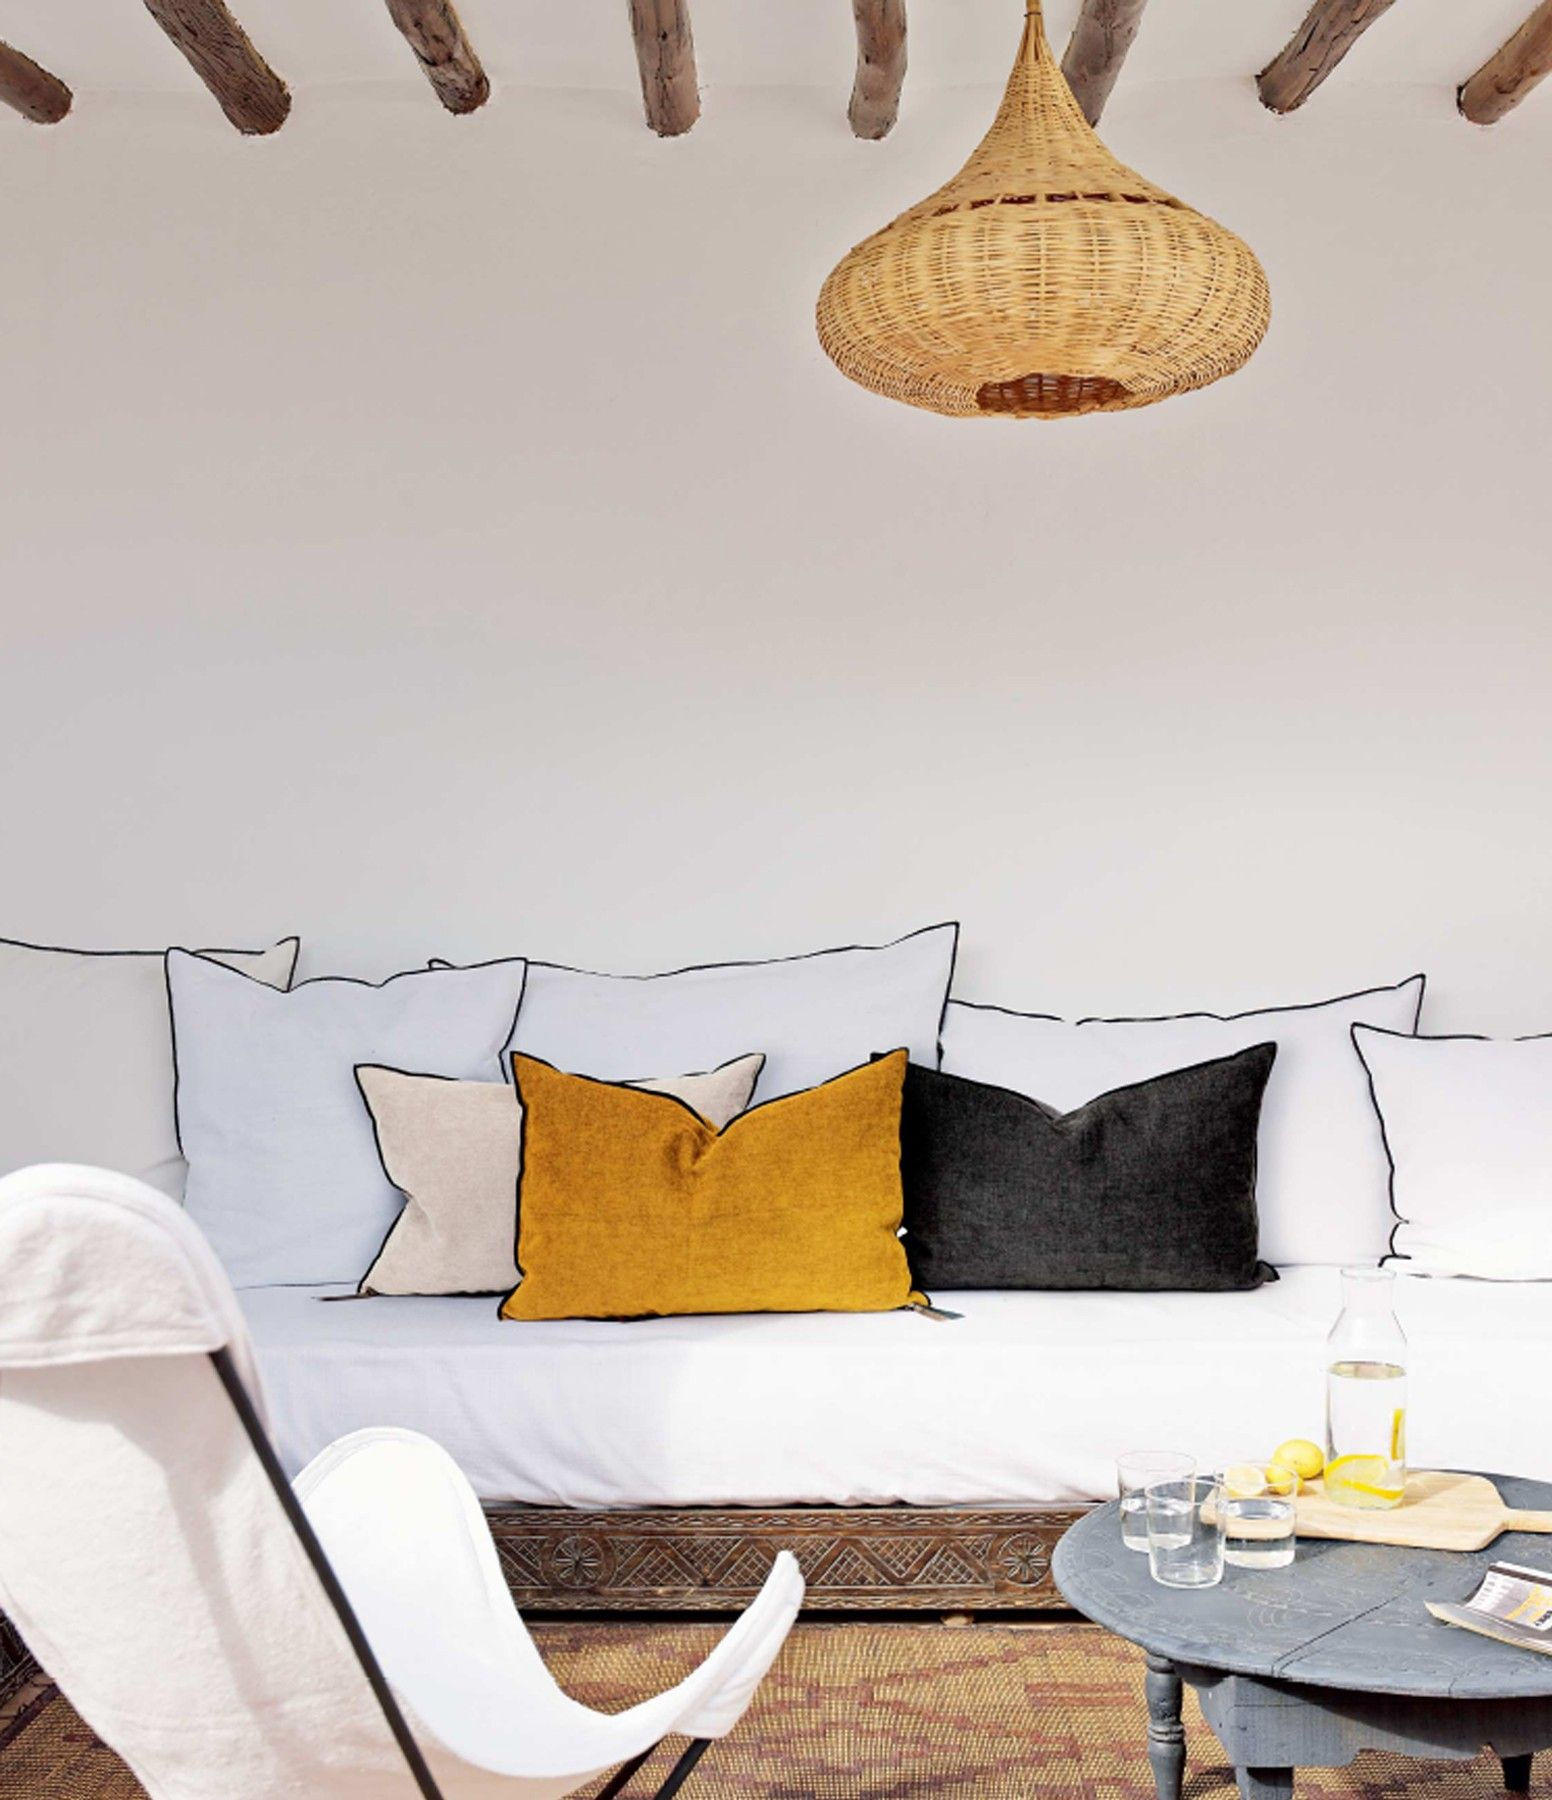 Fauteuil Ras Du sol Impressionnant Images Maison De Vacances Coussin Vice Versa Black Line Chenille Ciment